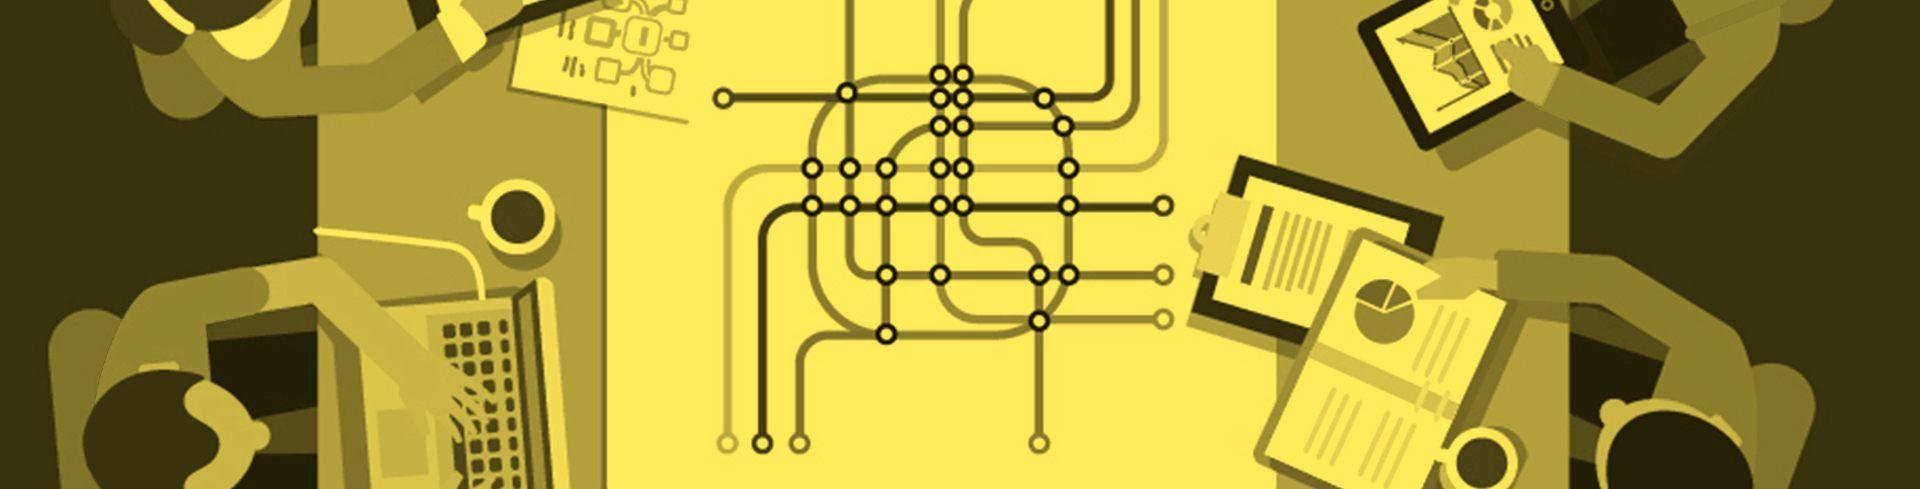 Curso Ambientes de aprendizaje invertido mediados por tecnología